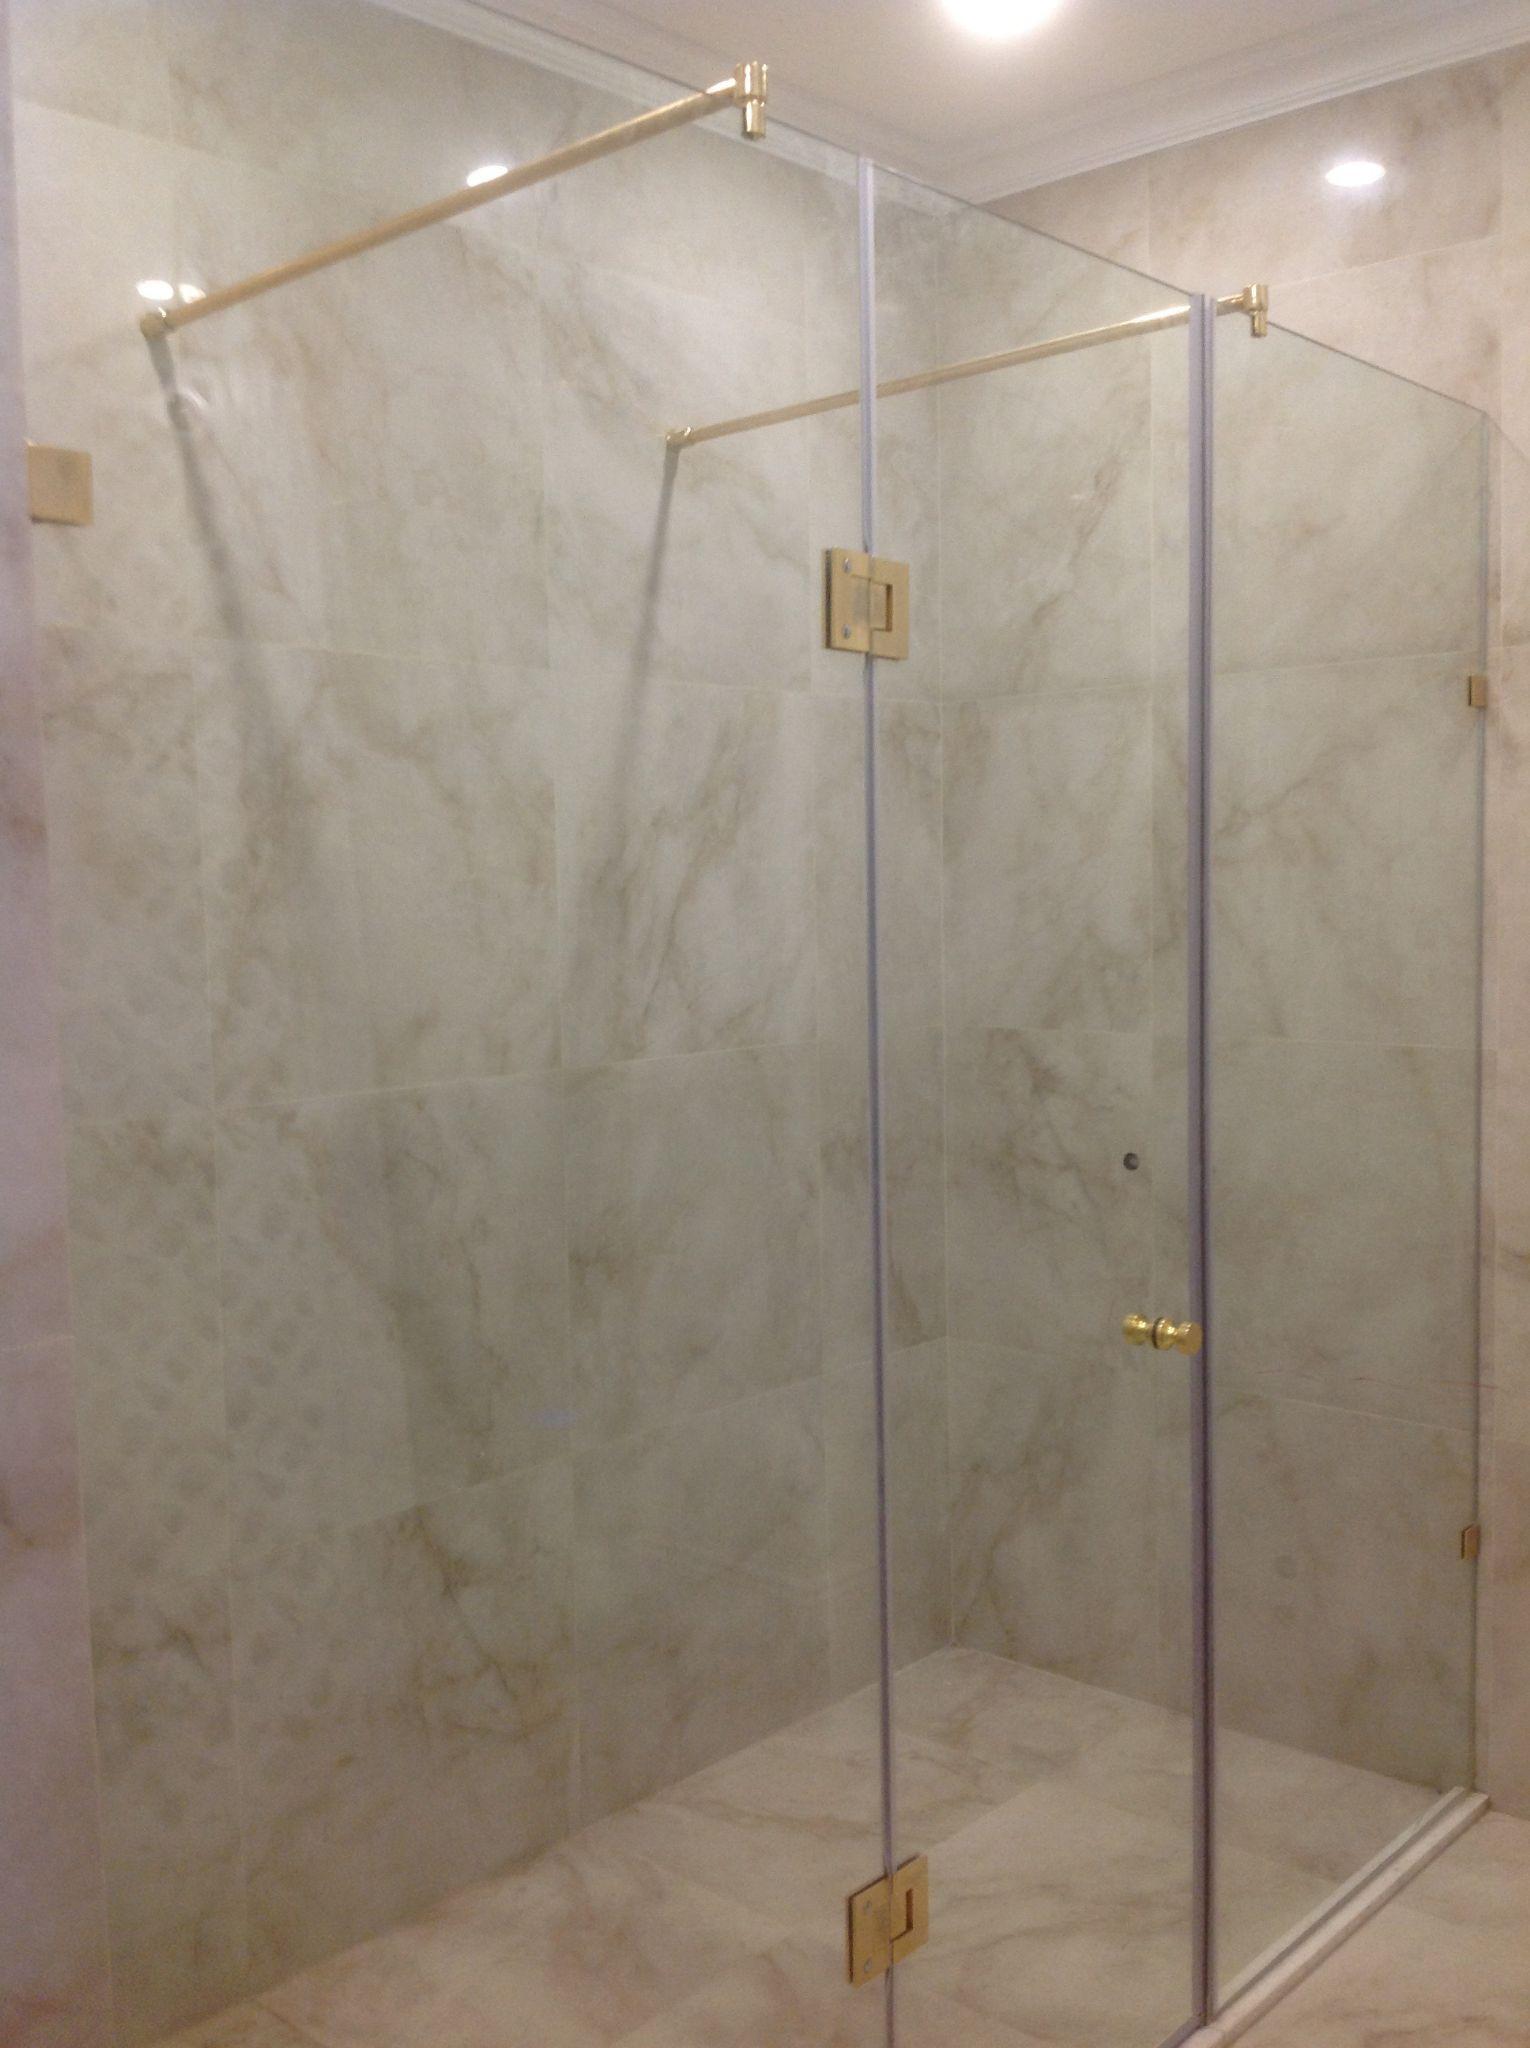 Vách kính phòng tắm cửa mở quay